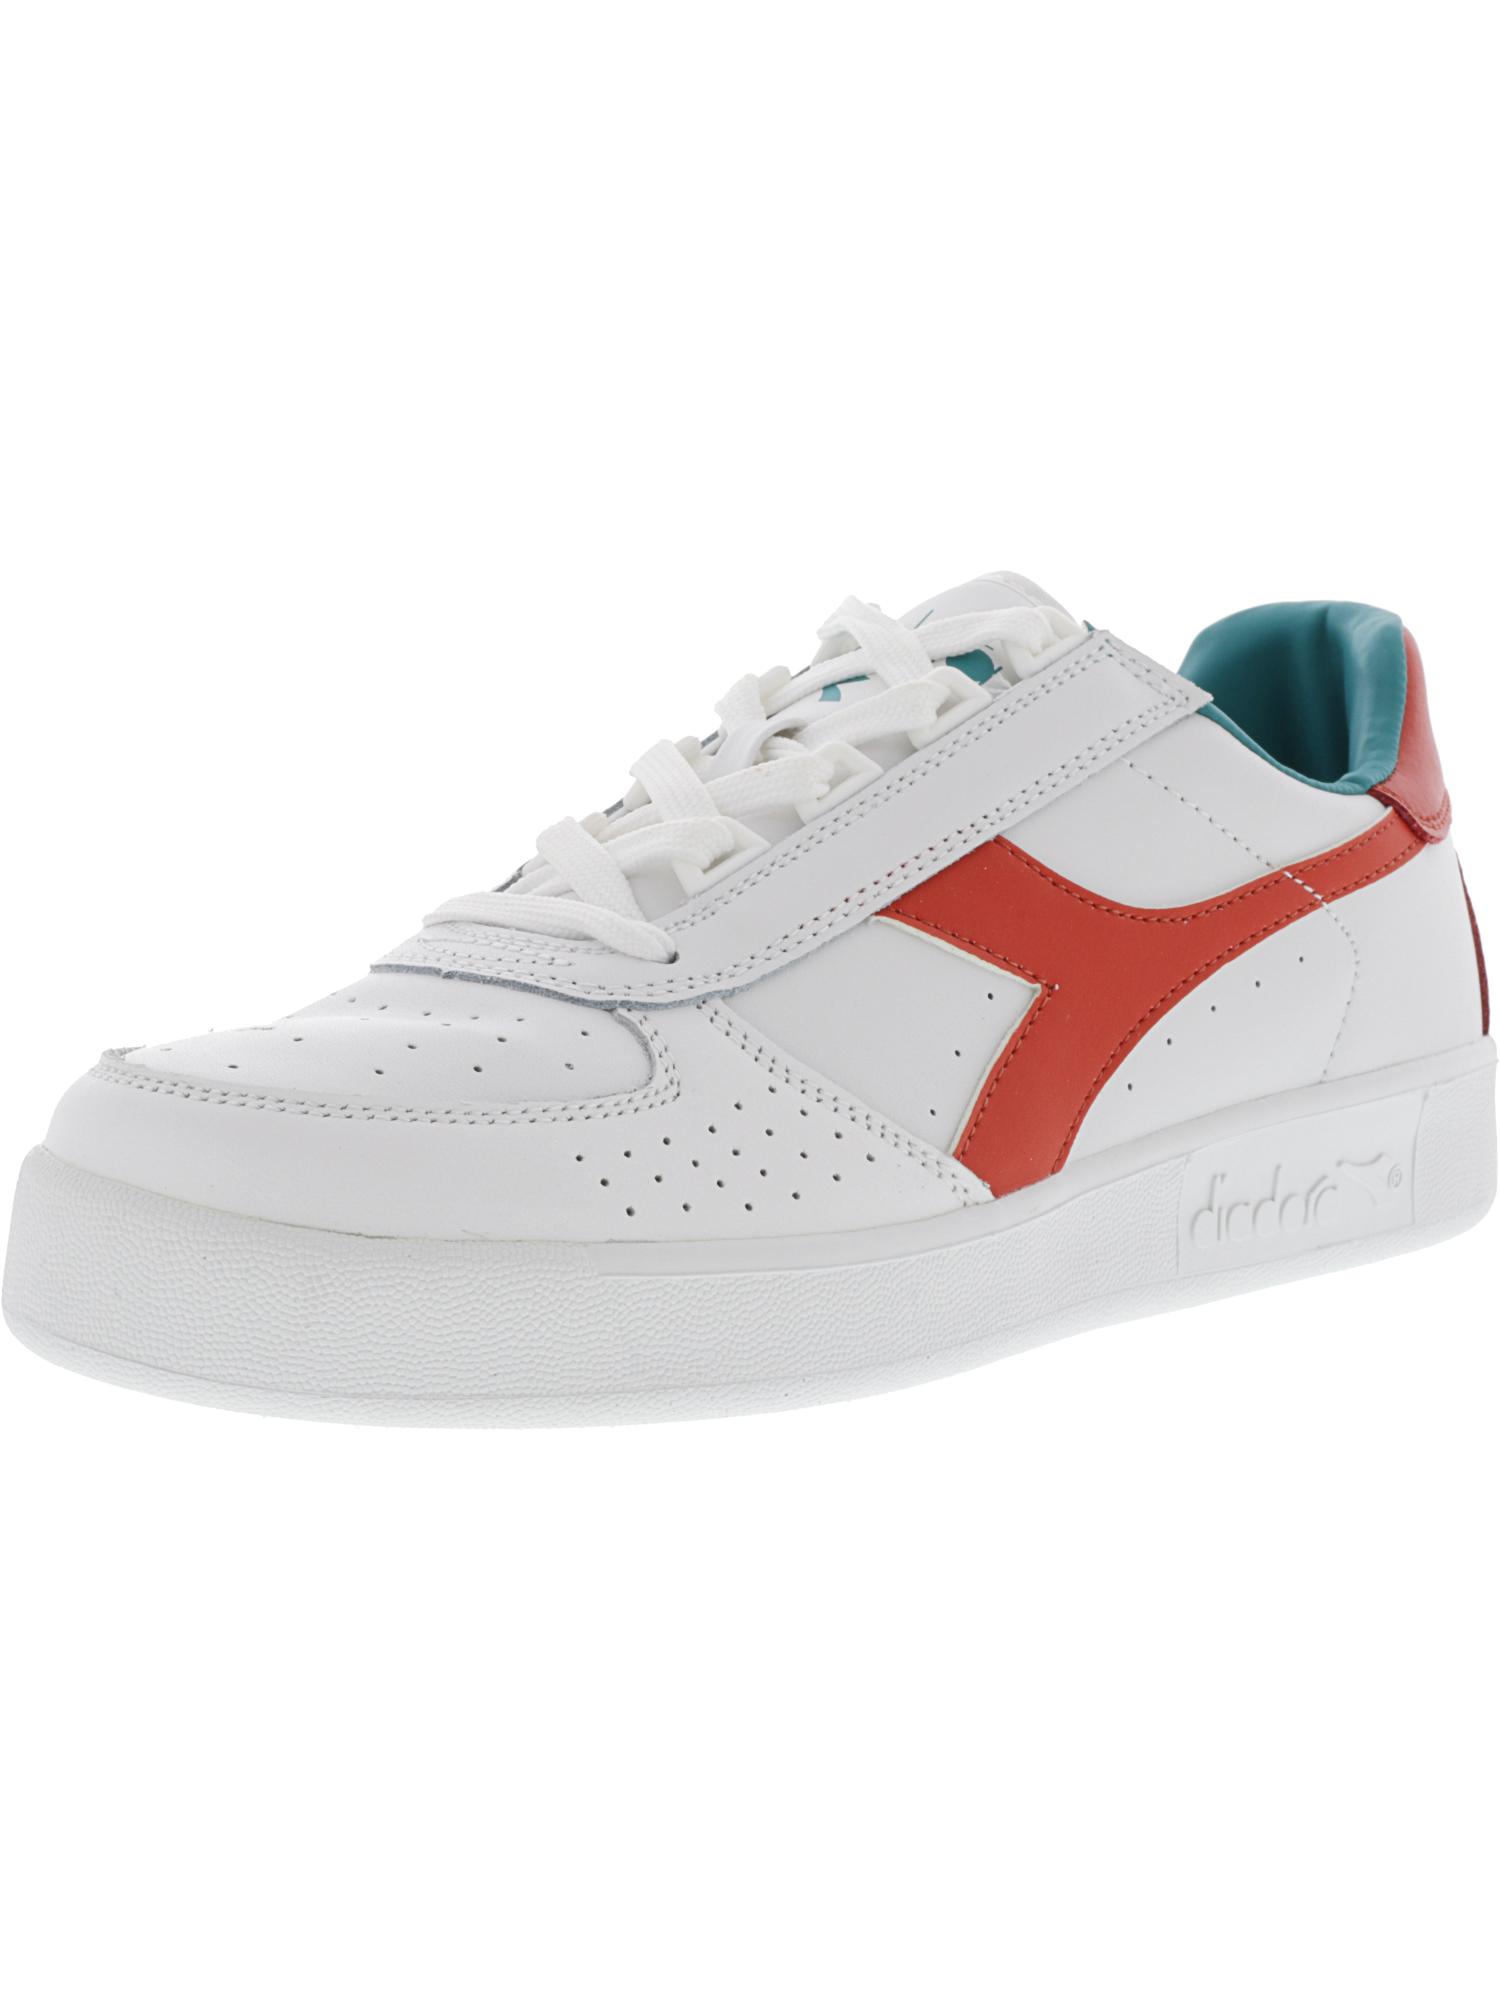 2273531e1737 ... Diadora Men s B B B Elite Ankle-High Leather Fashion Sneaker 49c86c ...